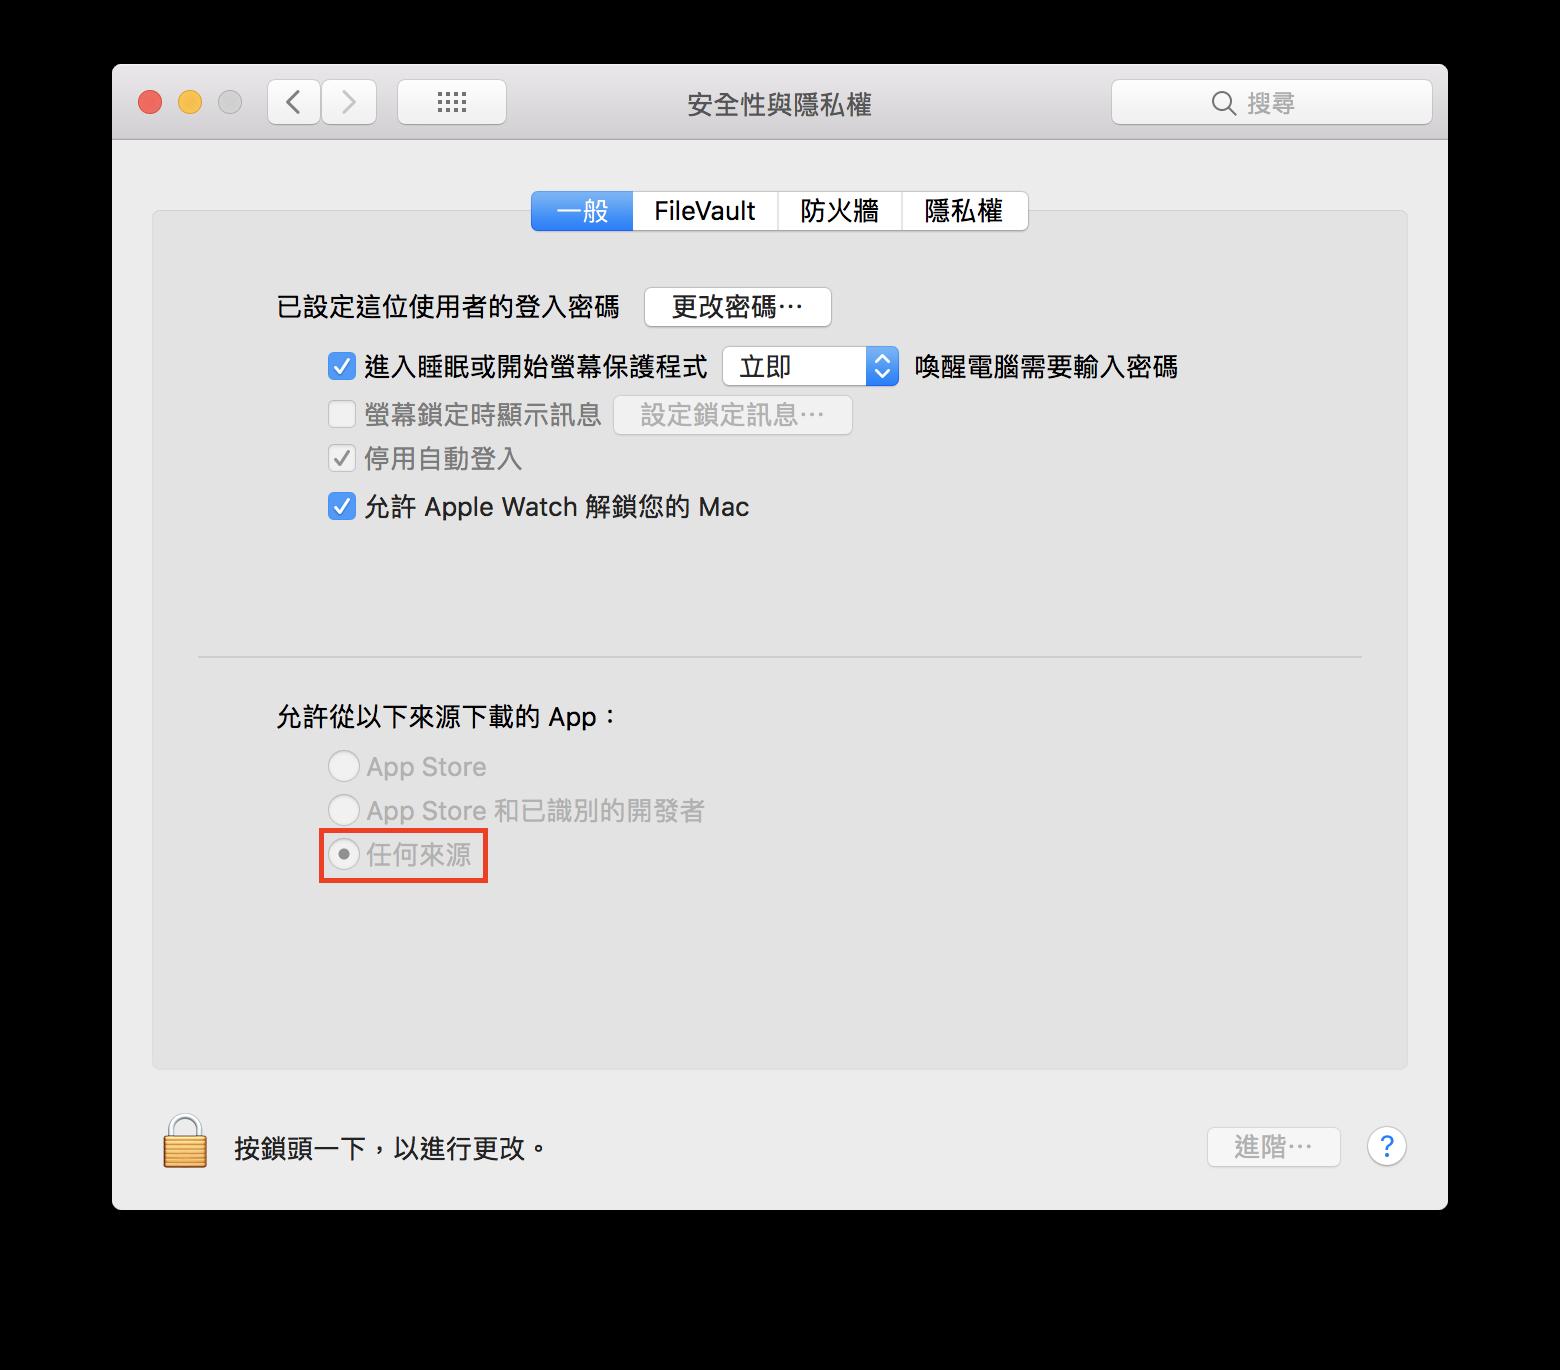 將「任何來源」的選項加回Mac的App允許項目之已加回任何來源